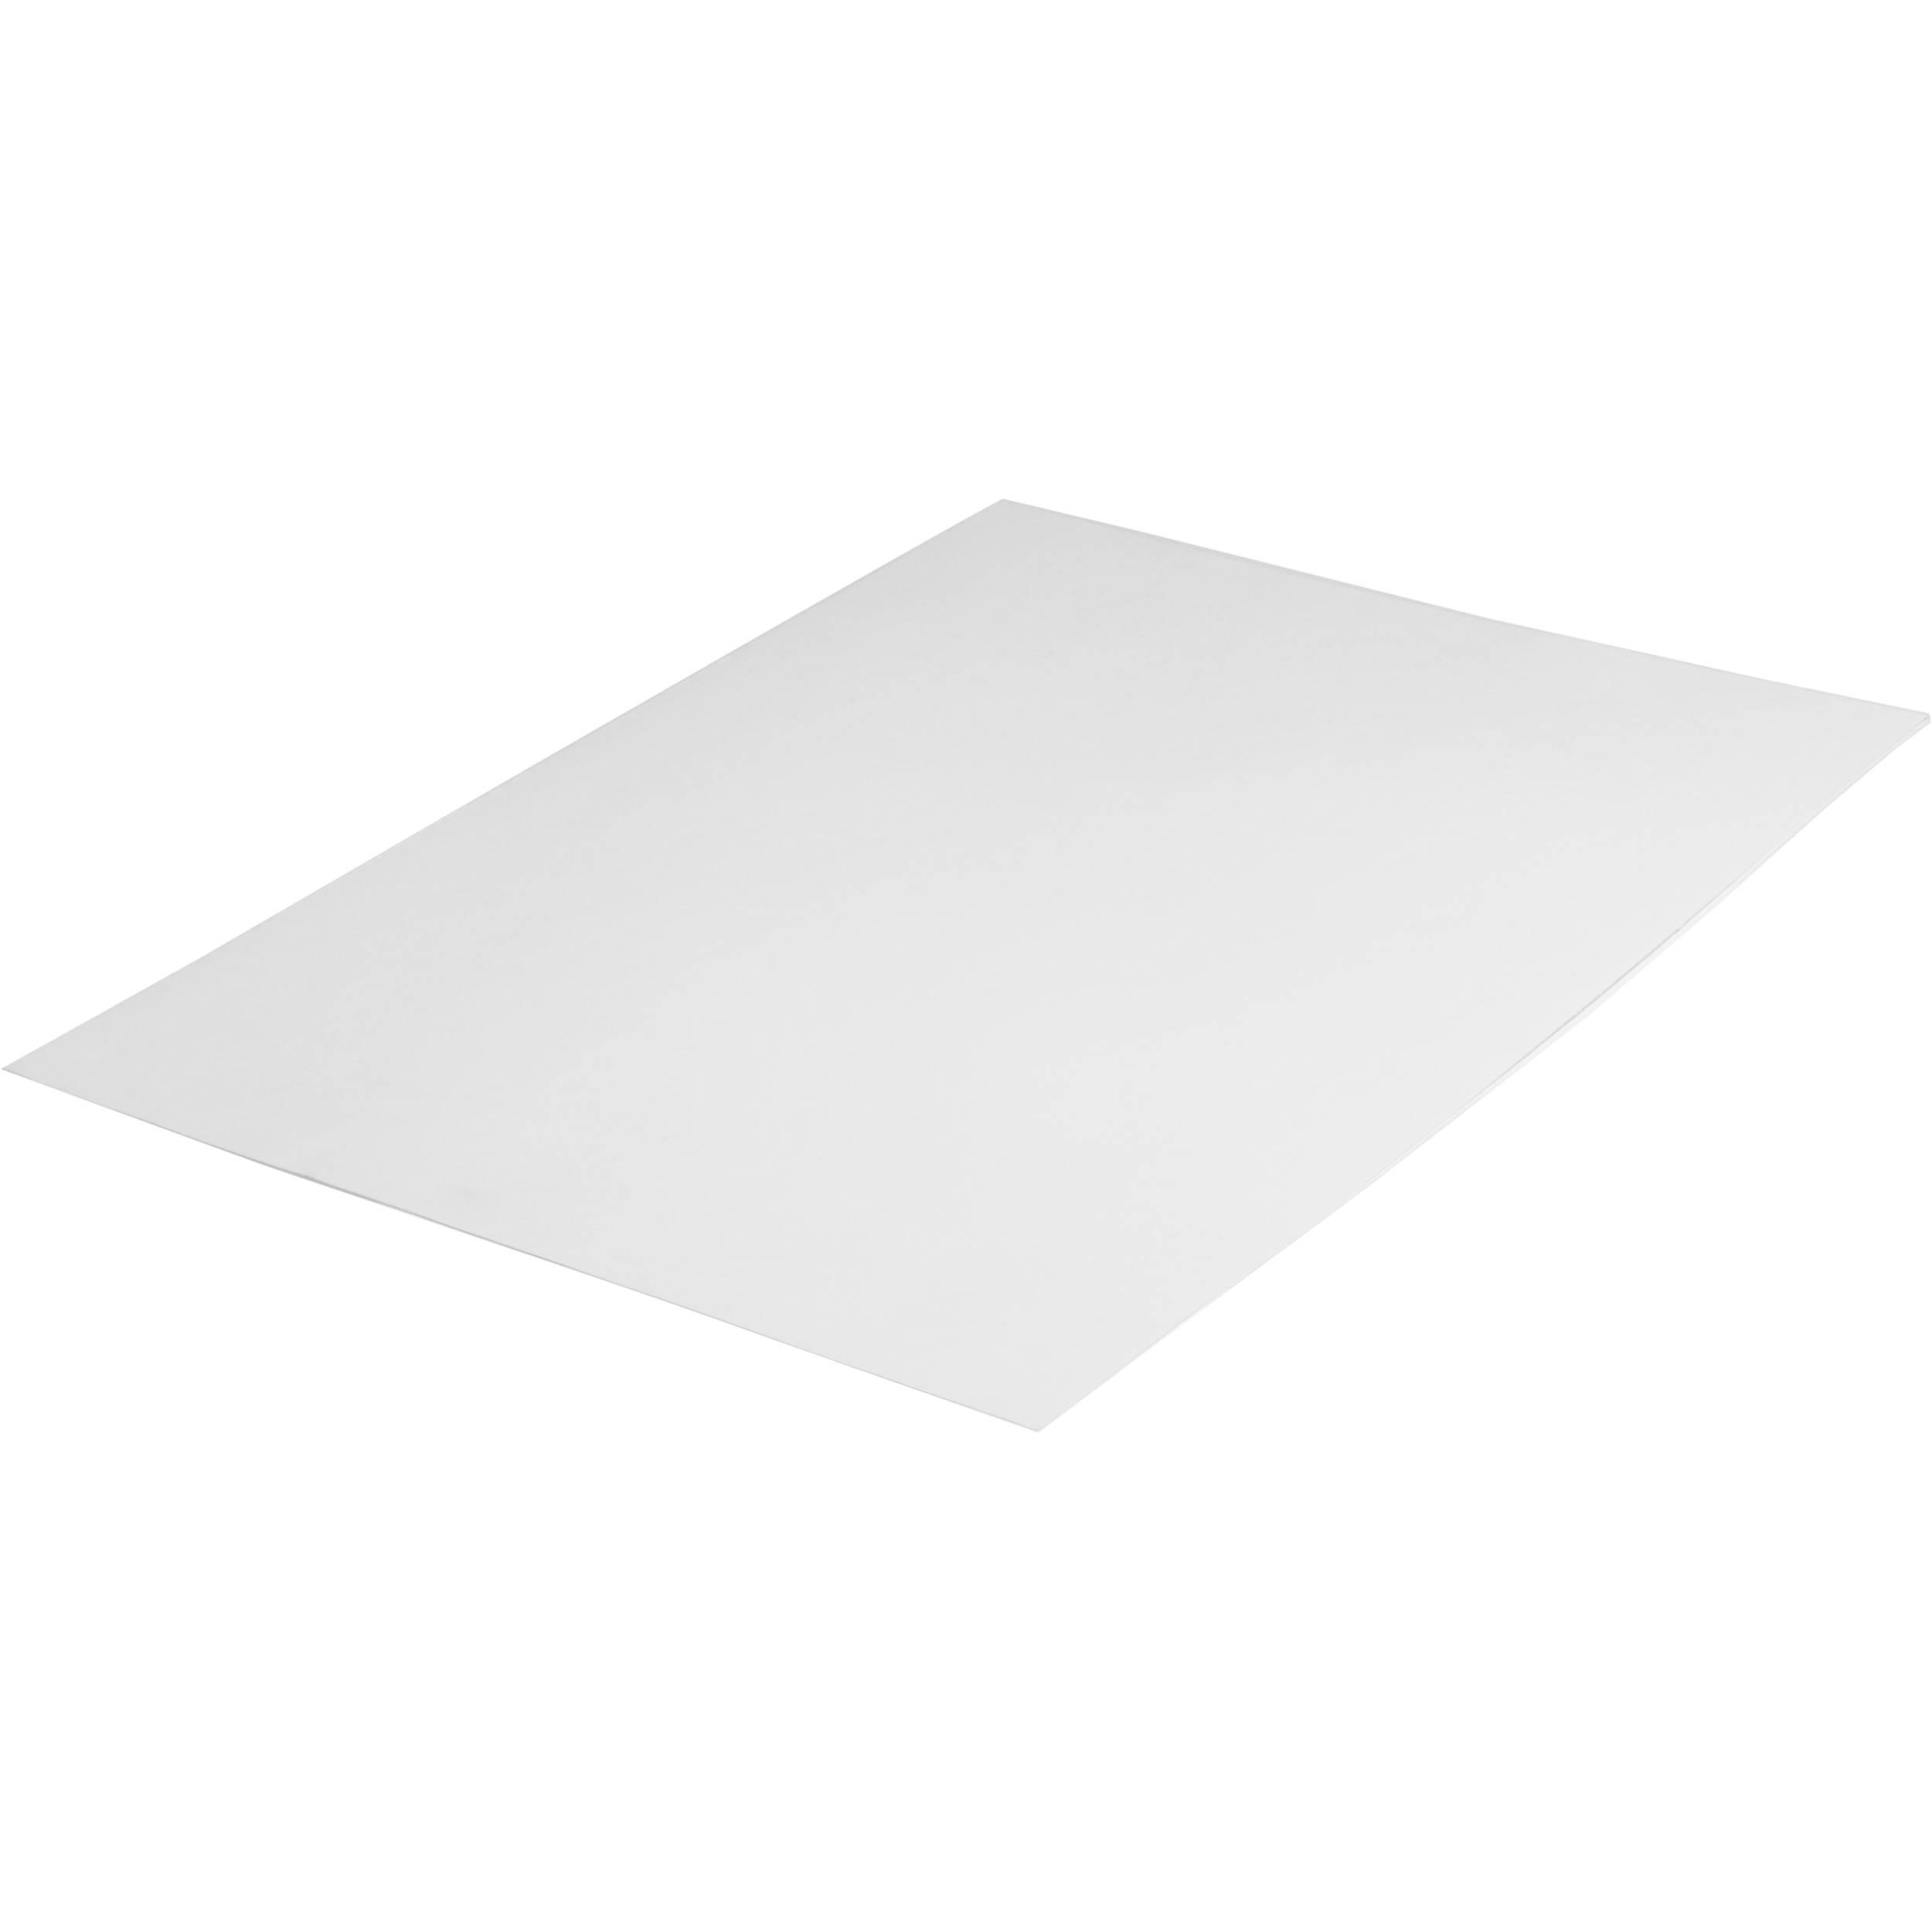 Backing Paper For Framing